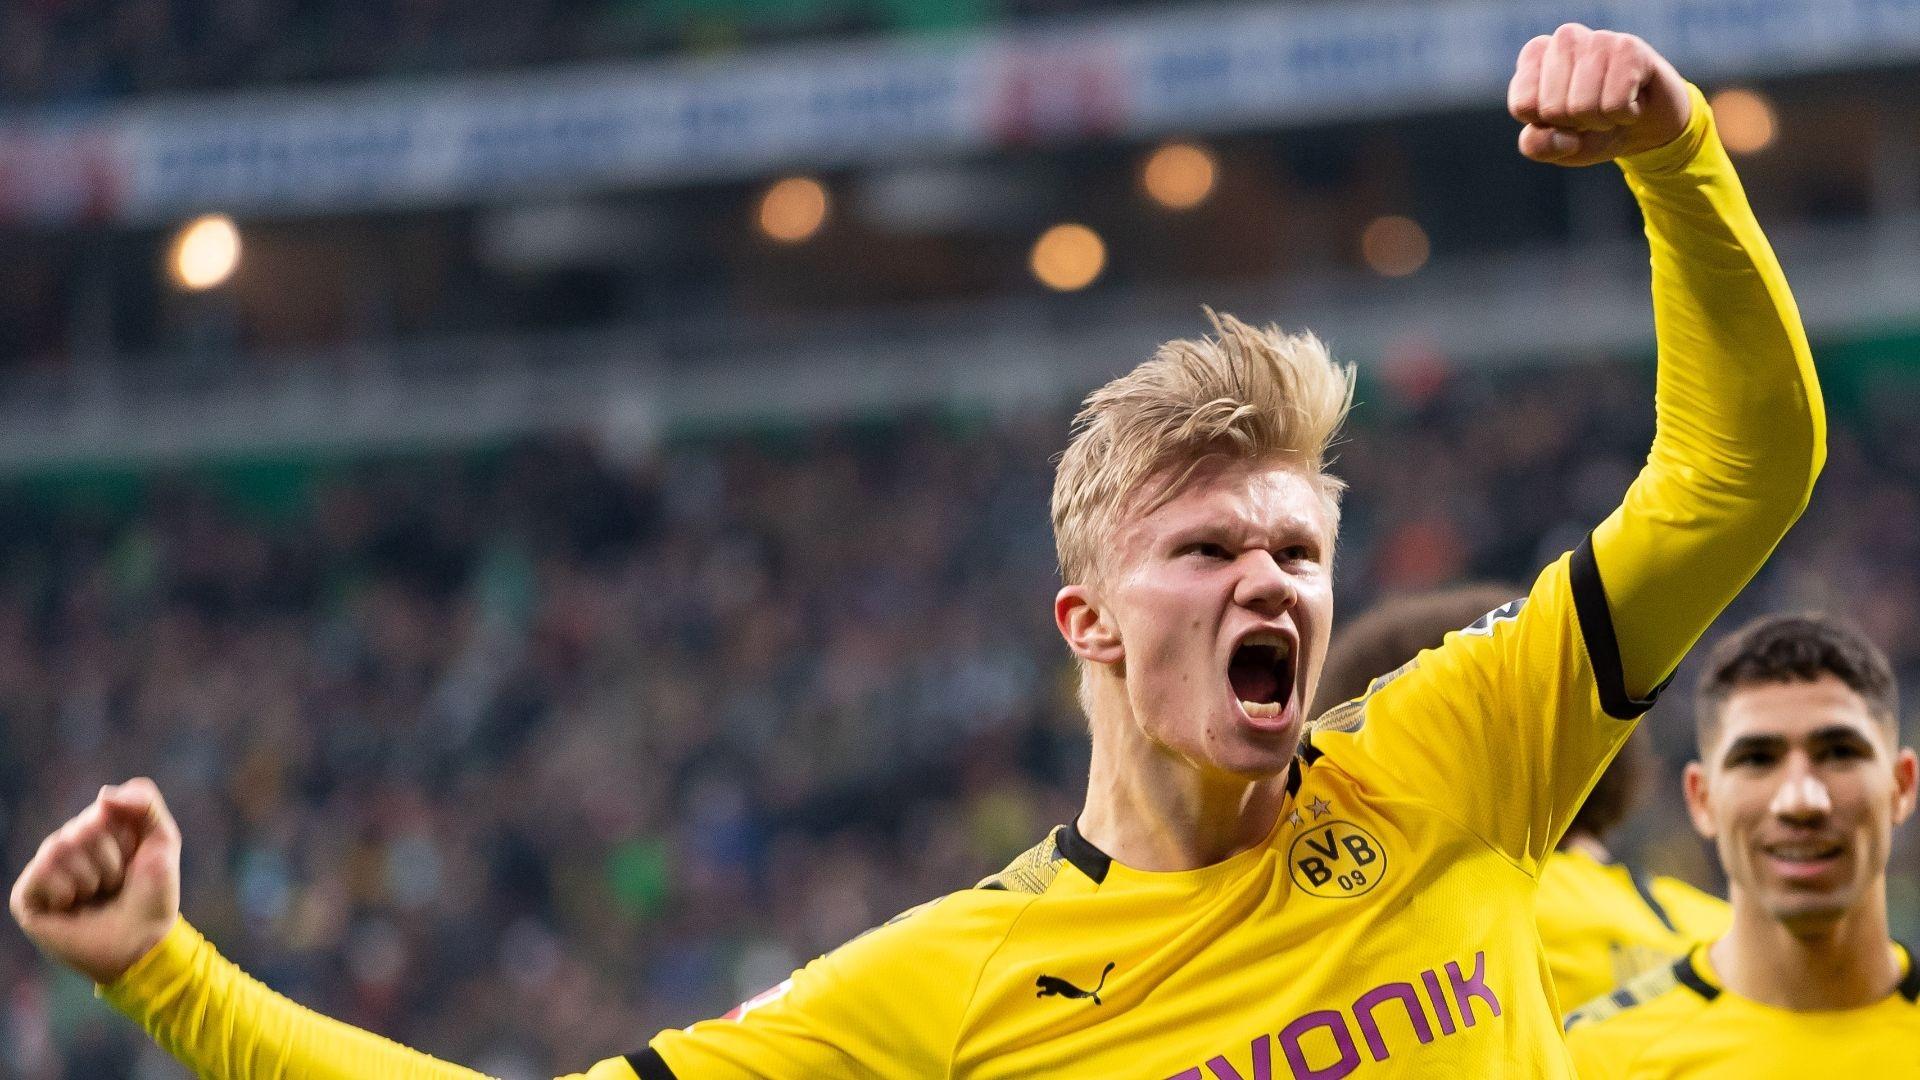 Erling Haaland scores again as Dortmund win at Werder Bremen